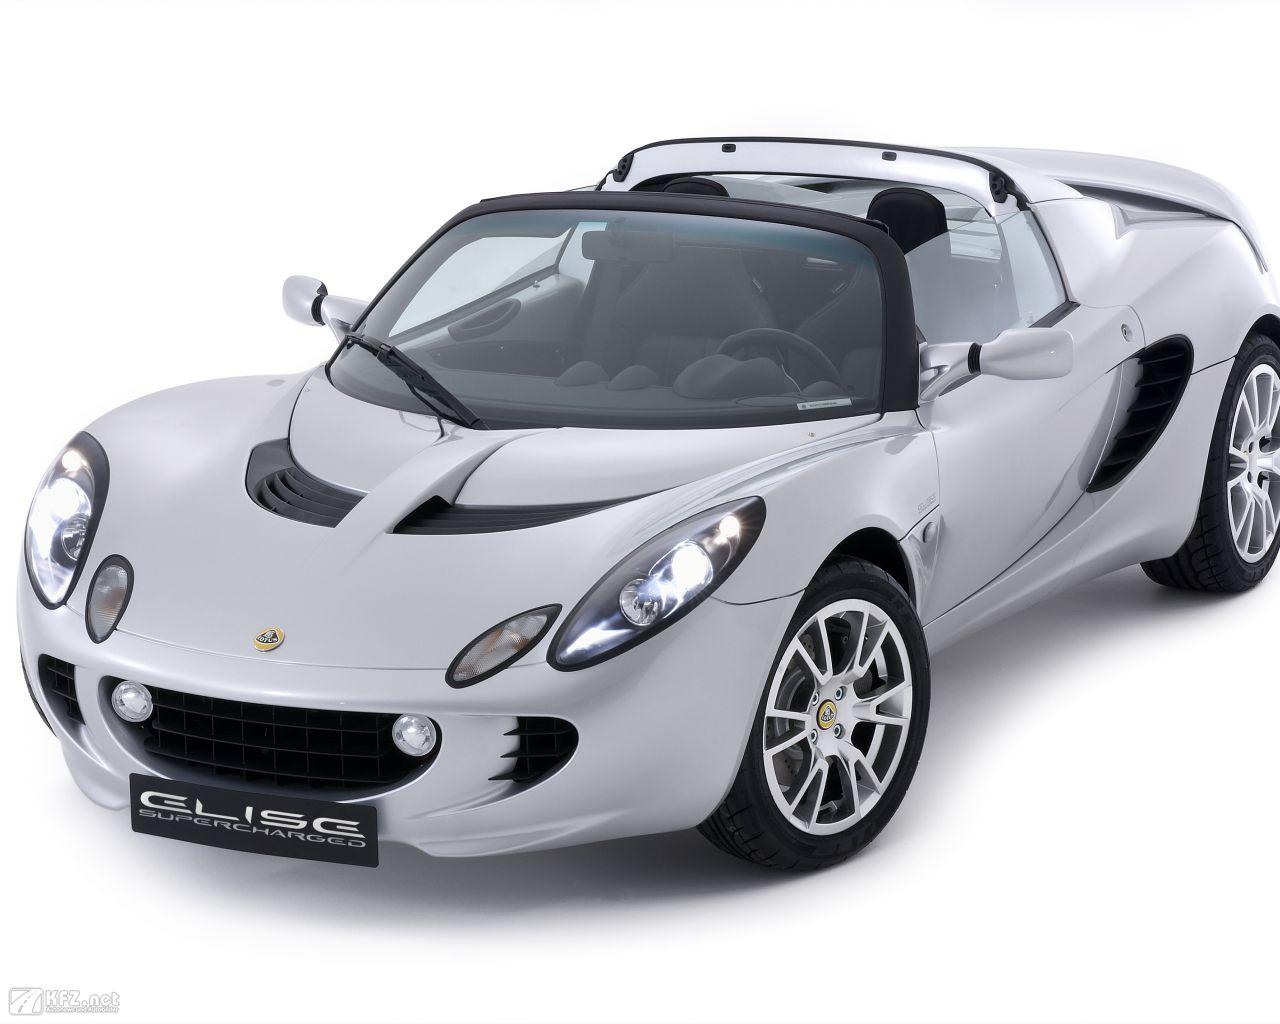 lotus-elise-1280x1024-110